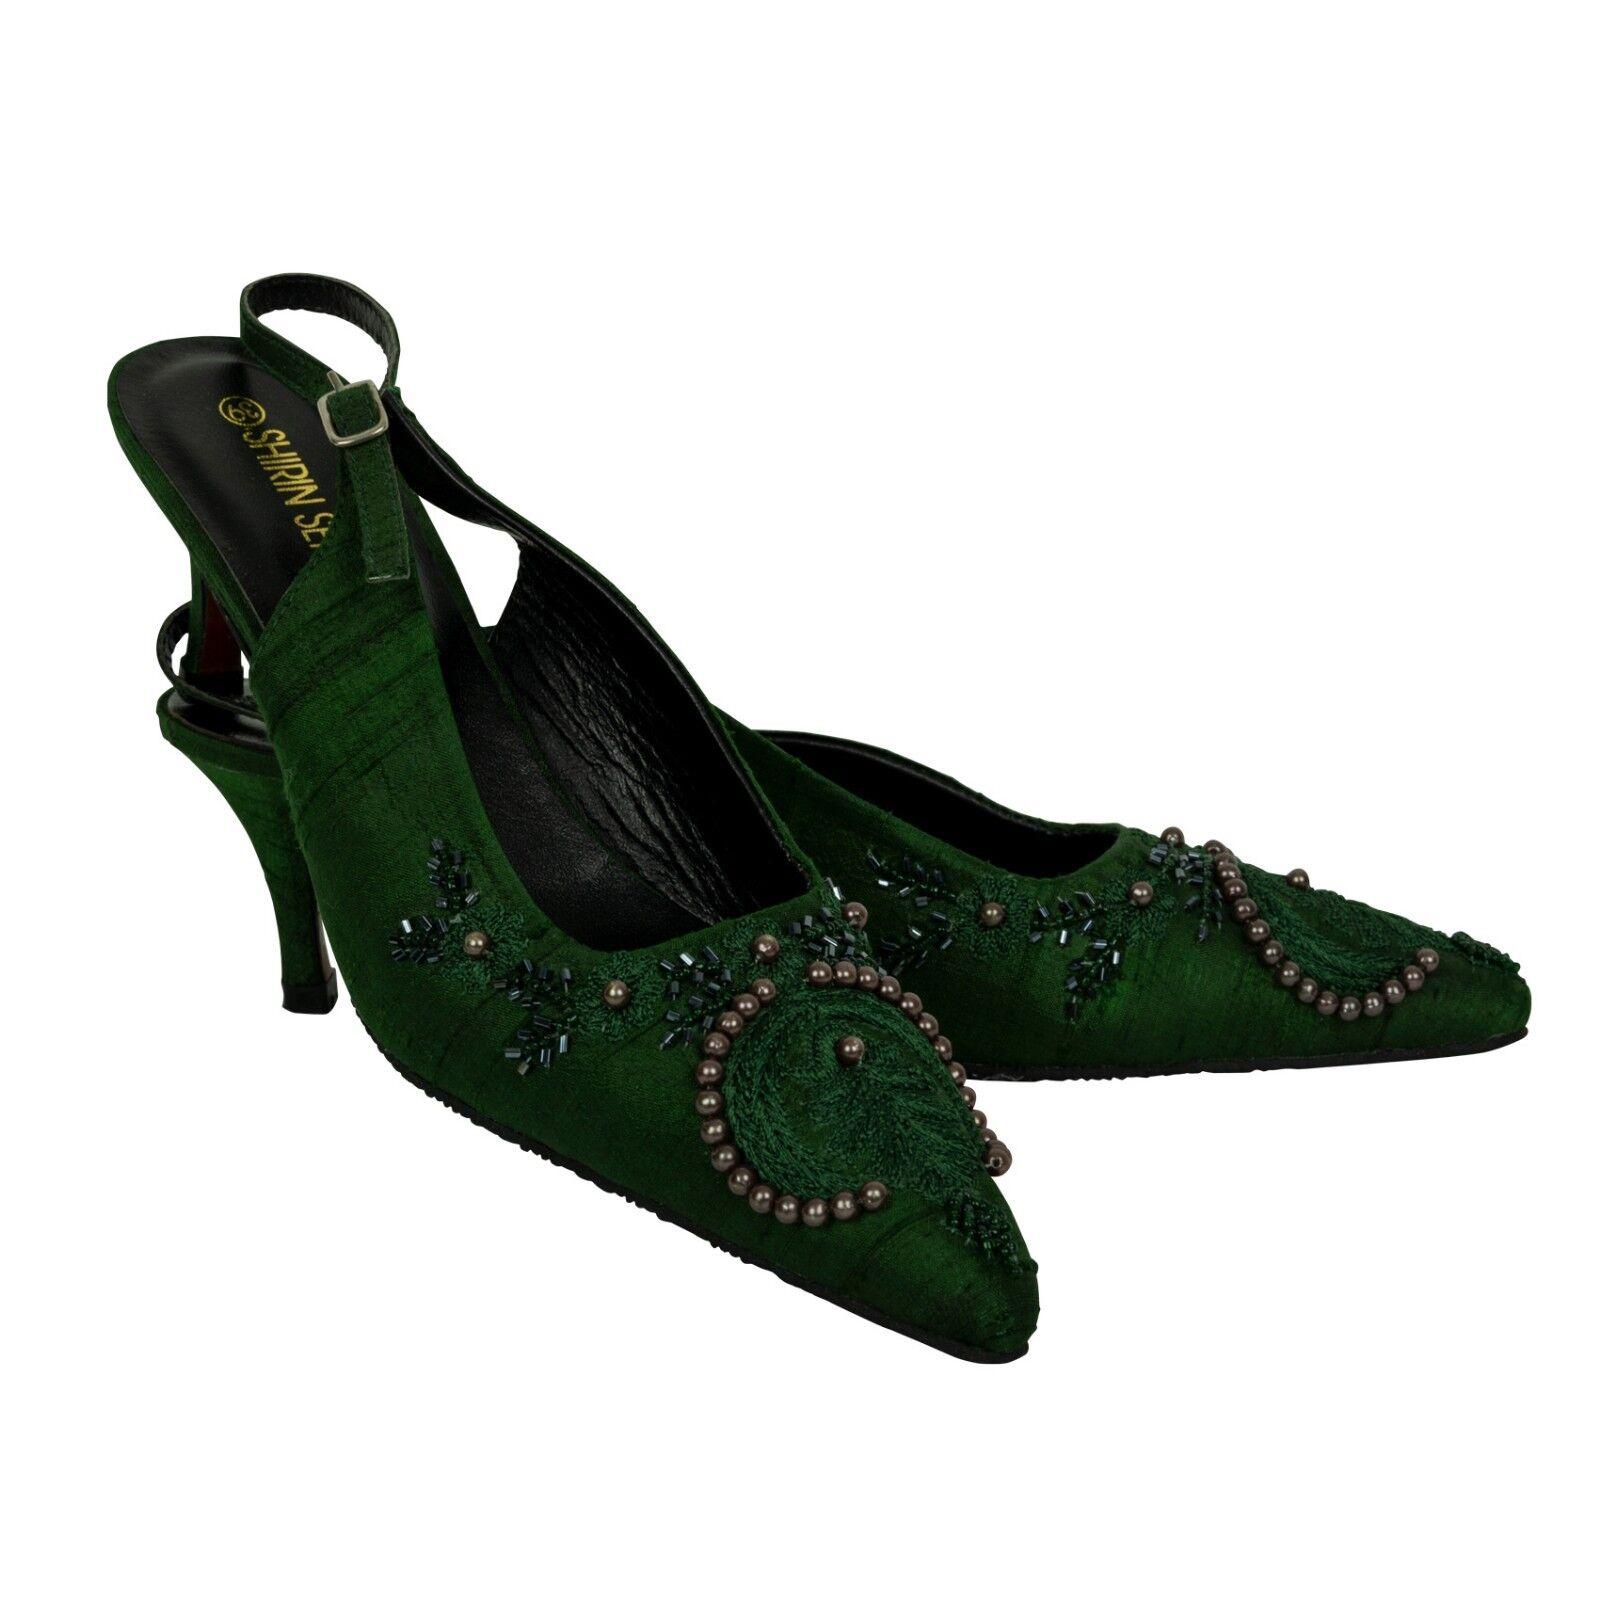 Pumps Grün Seide Besteickt High Heel 6 cm  40, Abendschuhe  Slingback Riemen